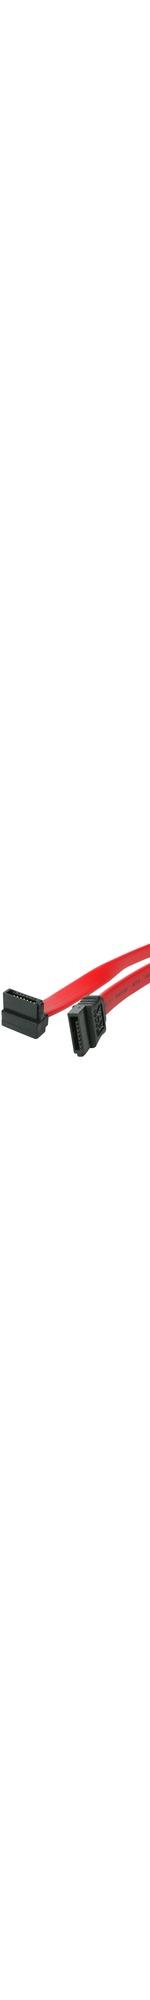 StarTech.com 12in SATA to Right Angle SATA Serial ATA Cable - SATA - SATA